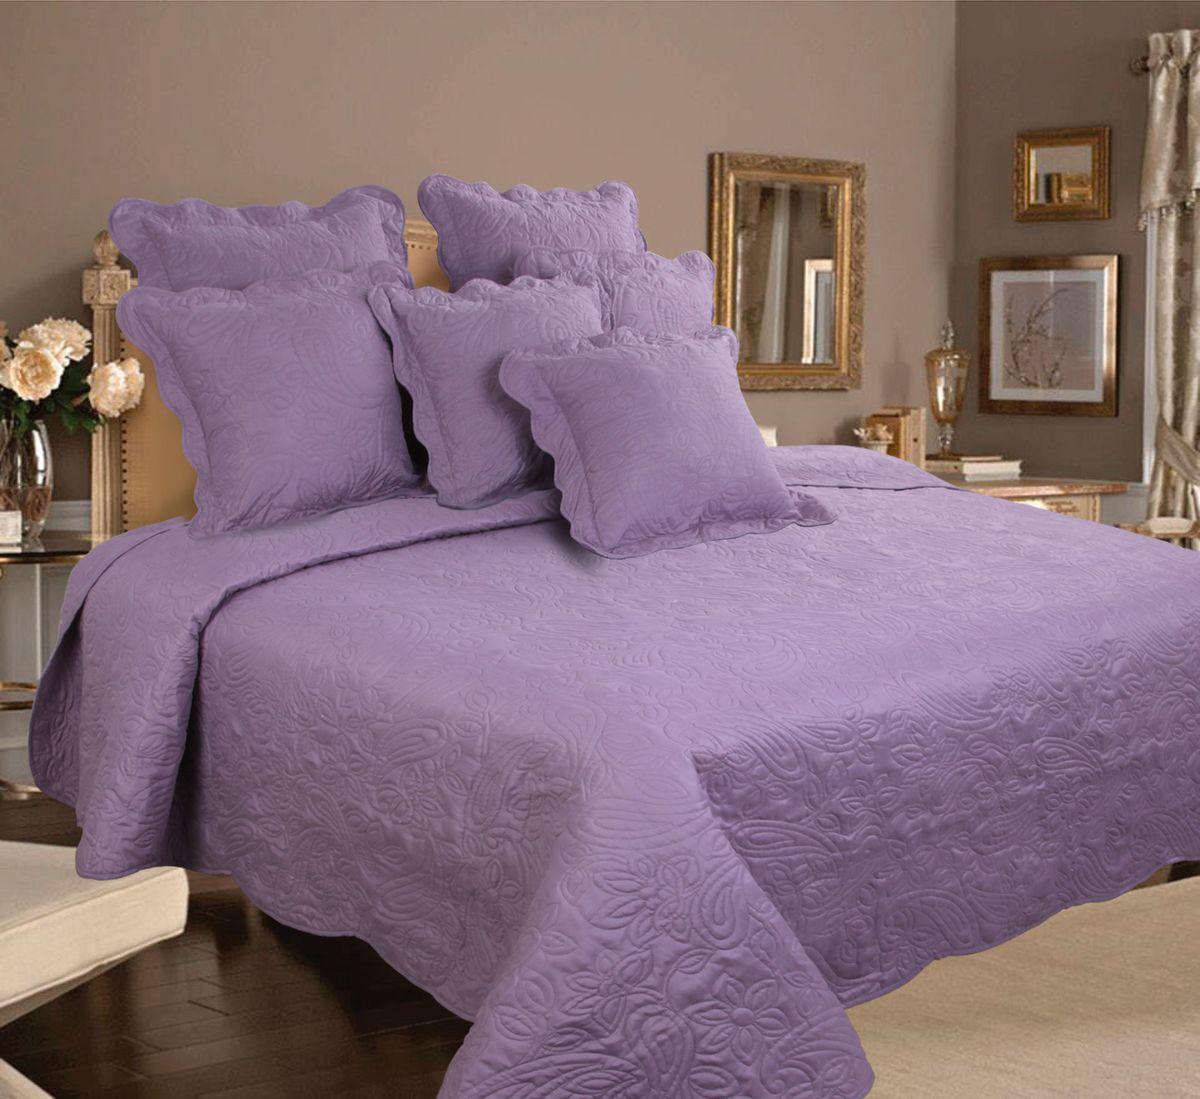 Комплект для спальни Mona Liza Royal Lilak: покрывало 240 см х 260 см, 2 наволочки 40 см х 40 см, цвет: лиловый